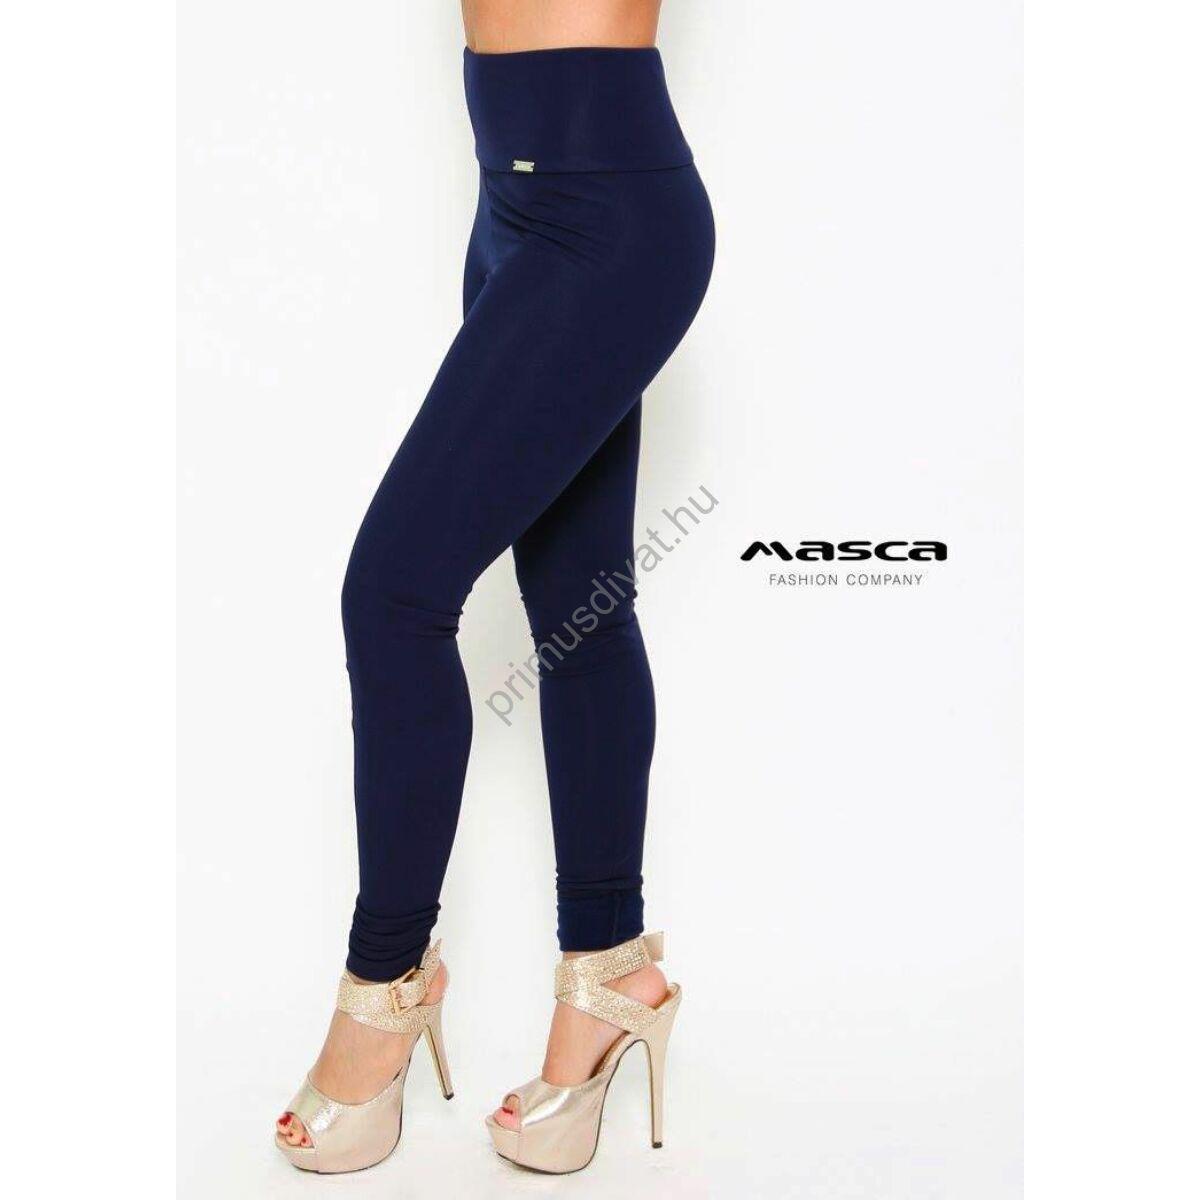 d090b052ce Kép 1/1 - Masca Fashion magasított derekú sötétkék leggings, cicanadrág